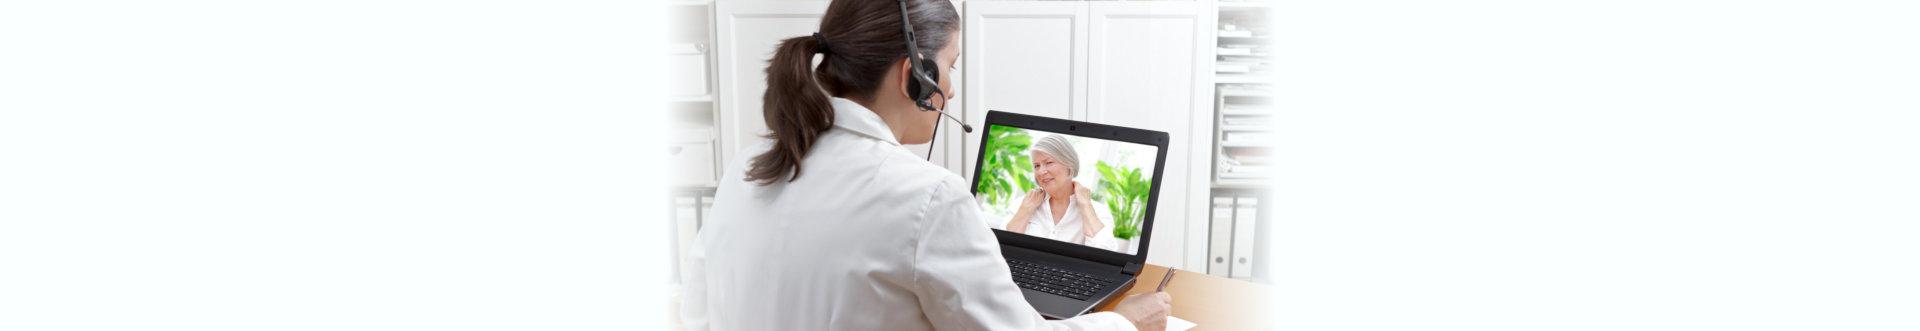 doctor online call patient shoulder pain